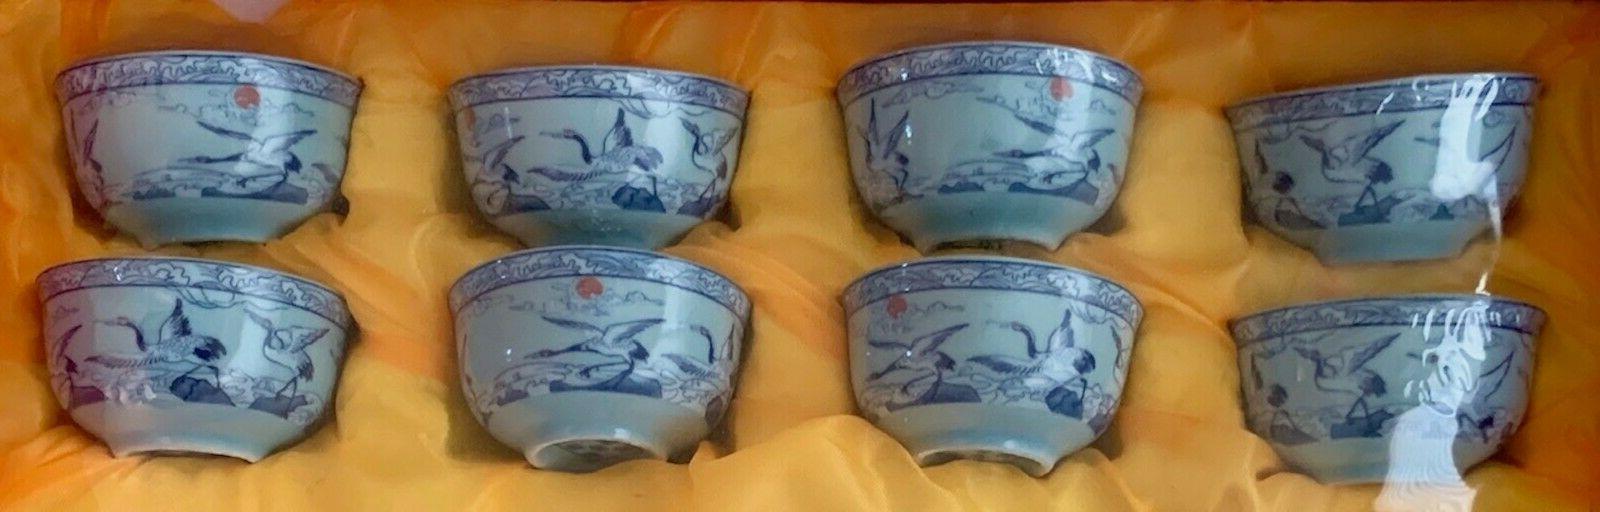 Japanese Porcelain 10 White Crane New, Beautiful